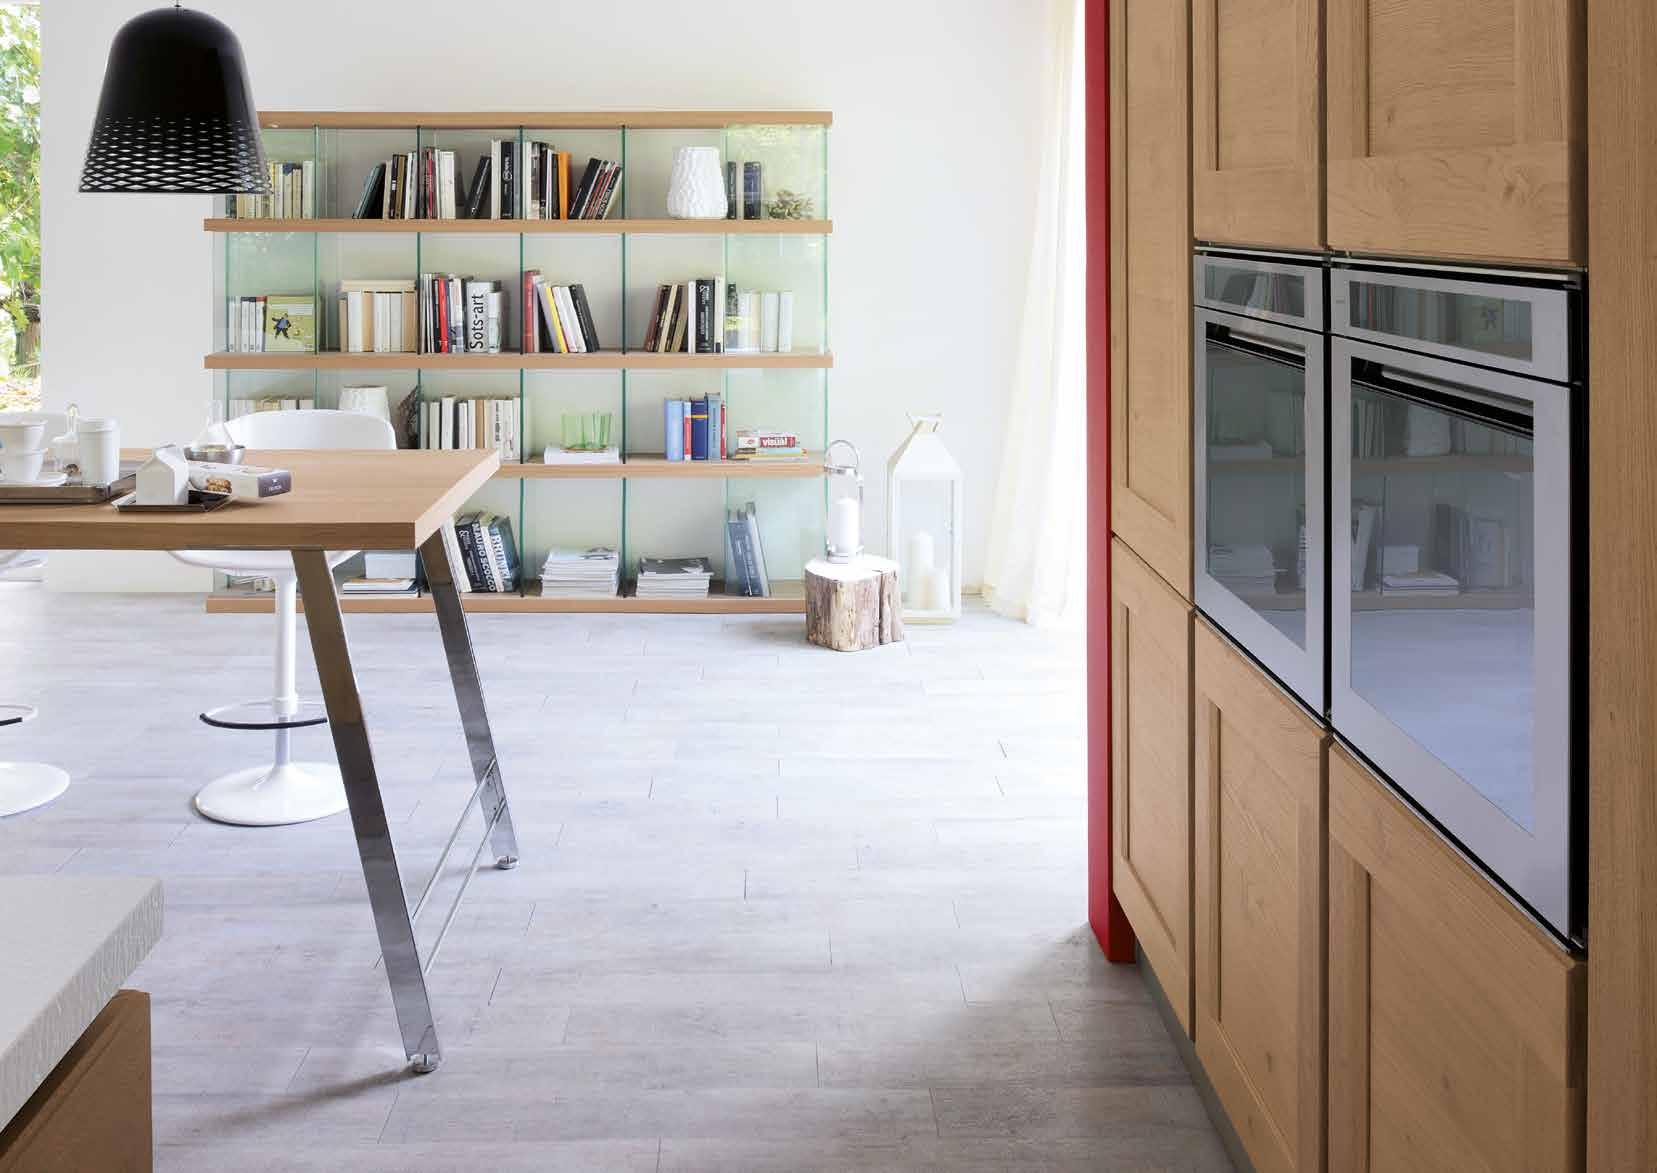 veneta cucine vetro - 28 images - offerte e occasioni cucine ...